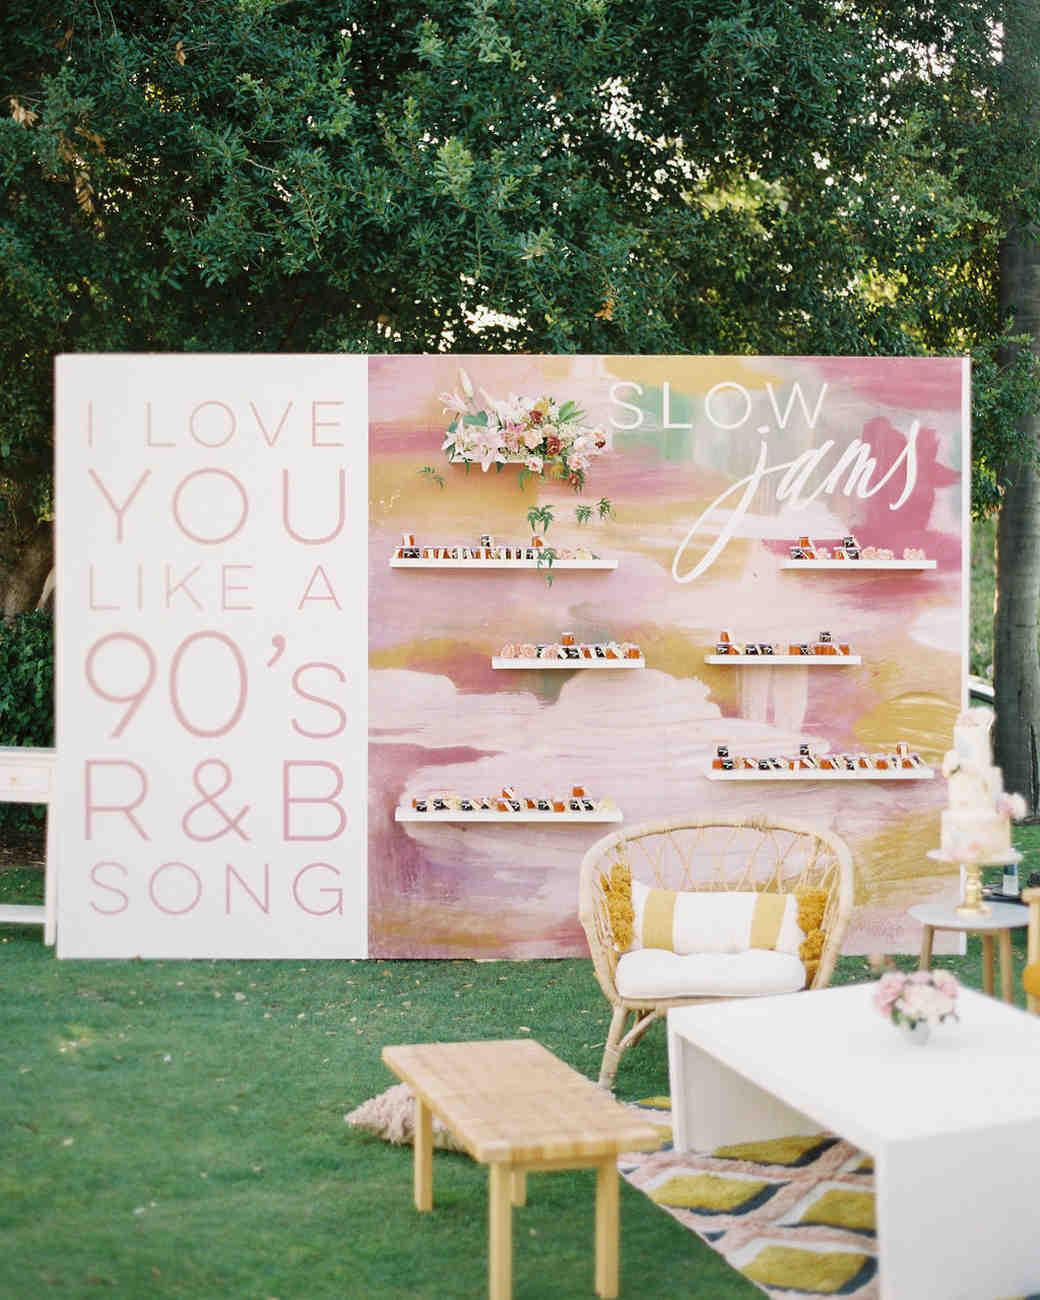 paige zack wedding seating chart